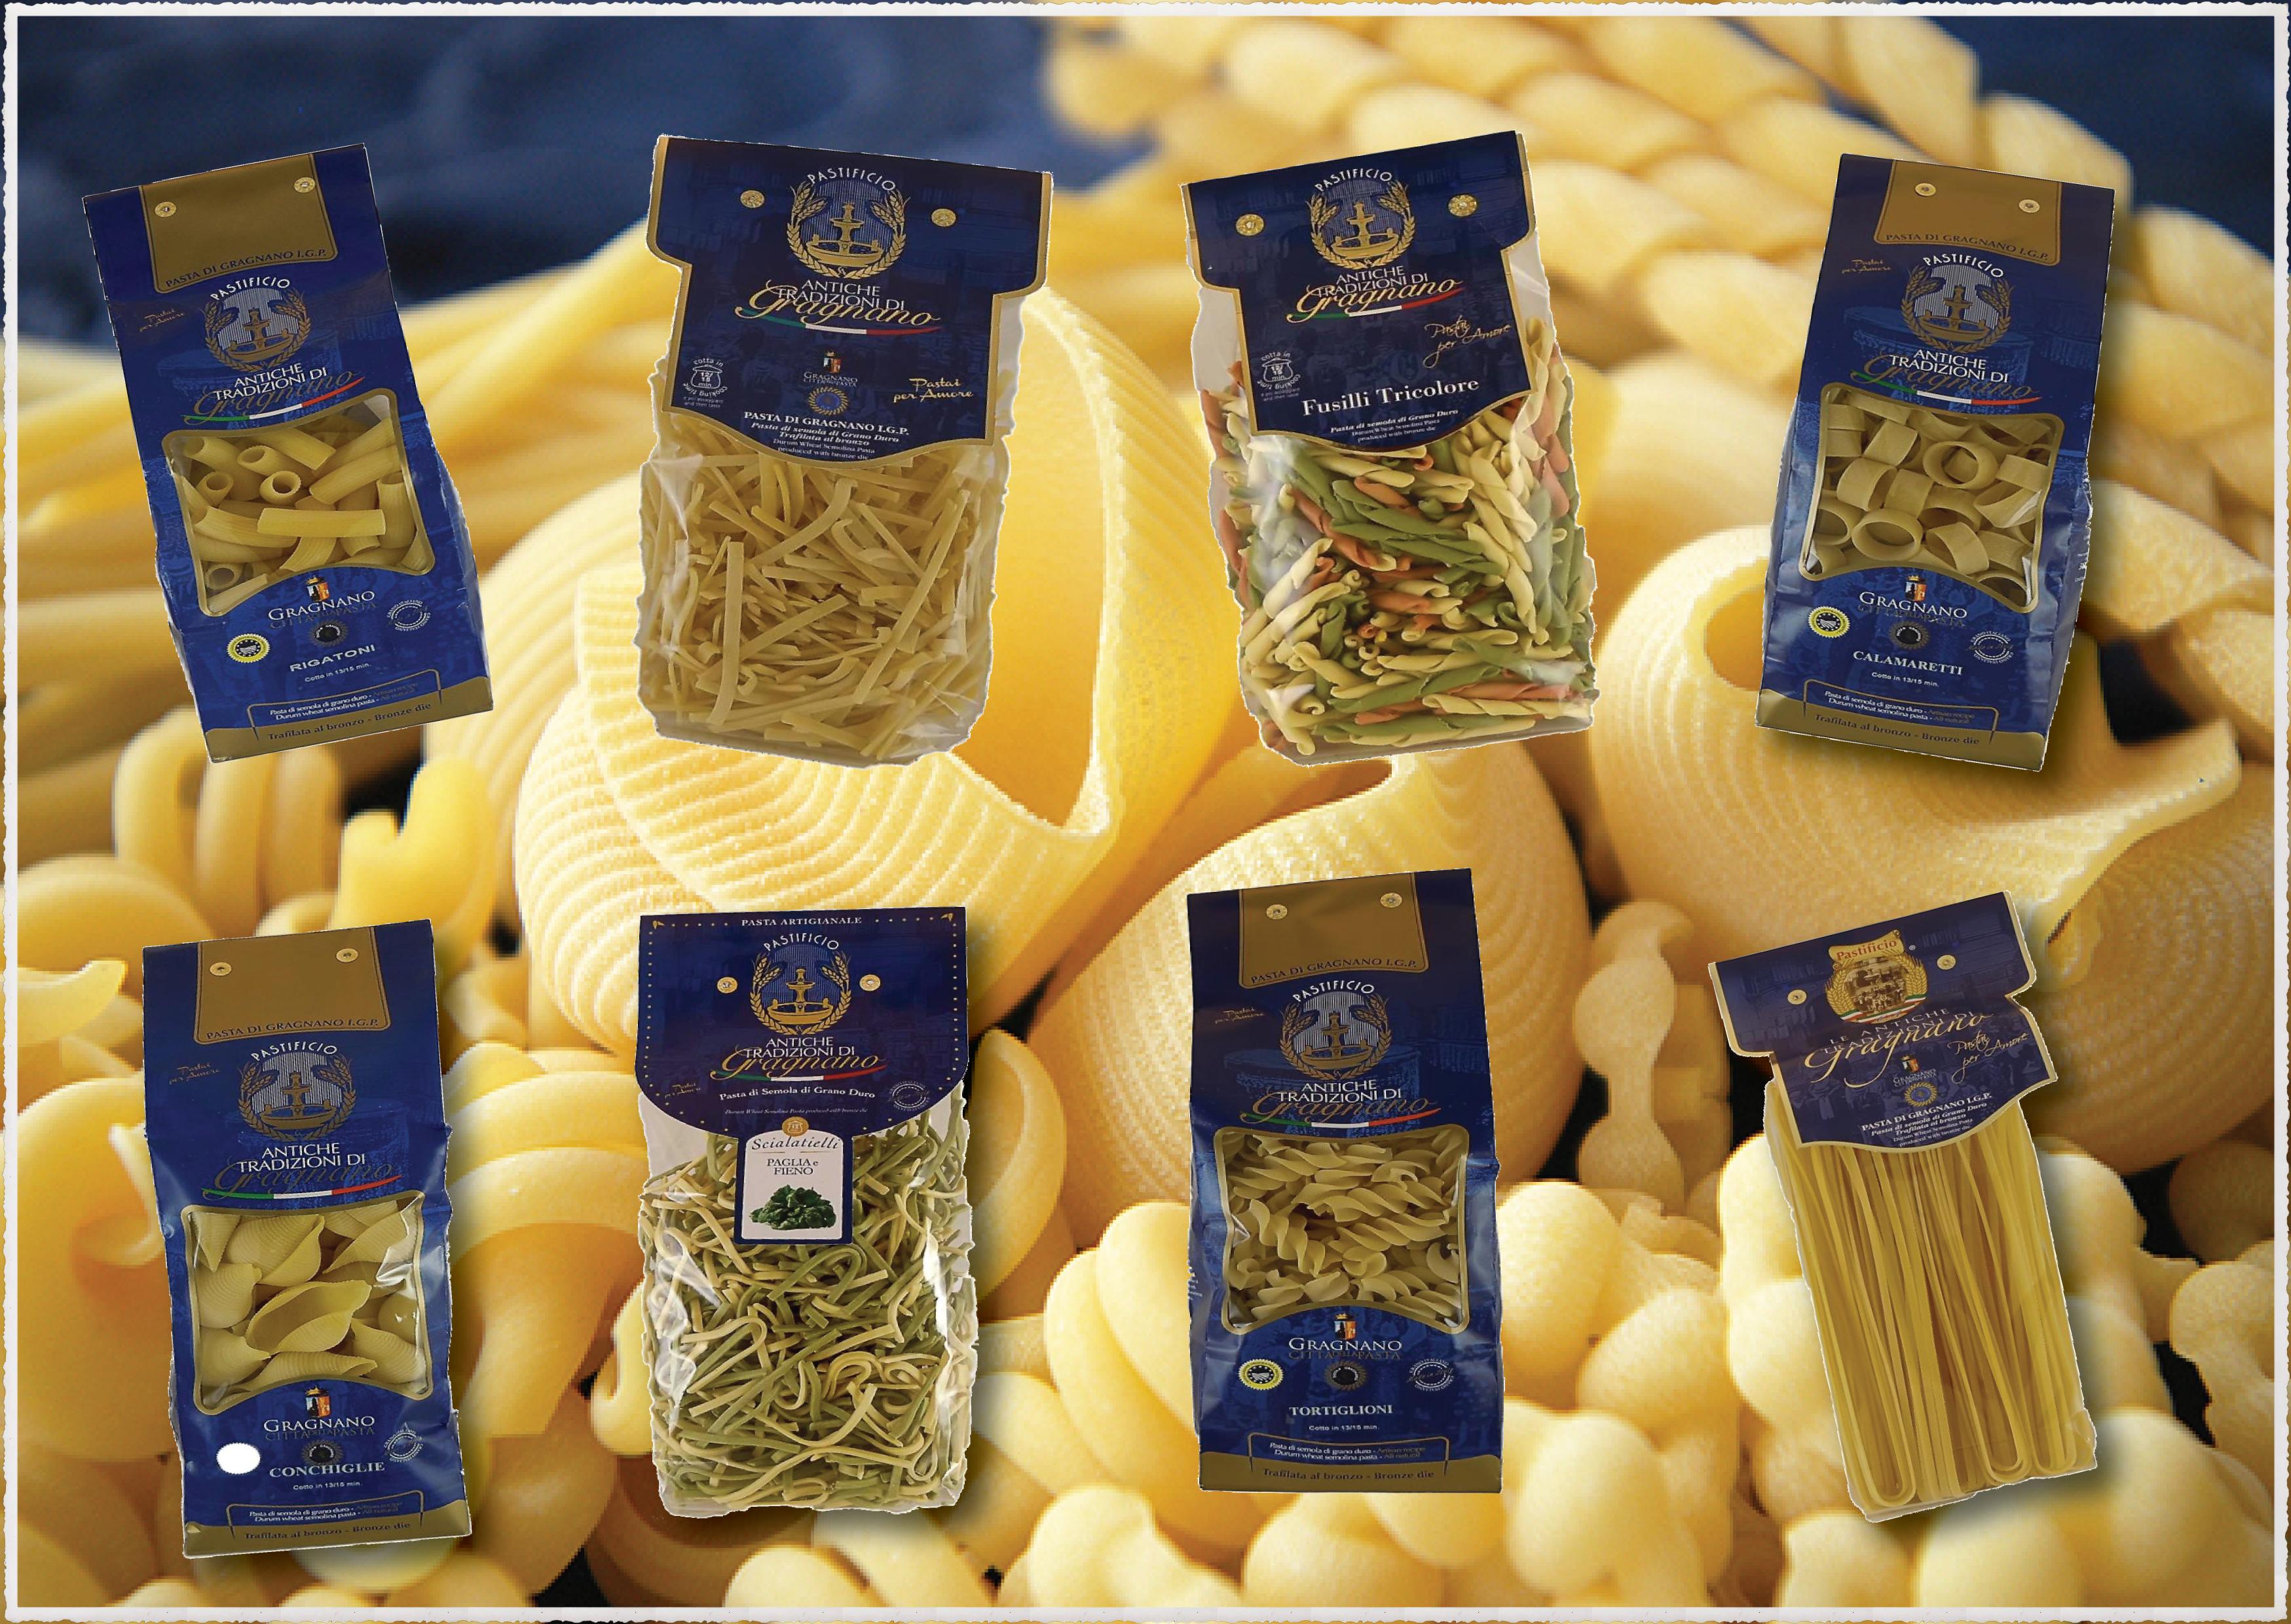 21 e 22 marzo: Collezionismo a Napoli, il Memorial Correale Pasta%20Gragnano